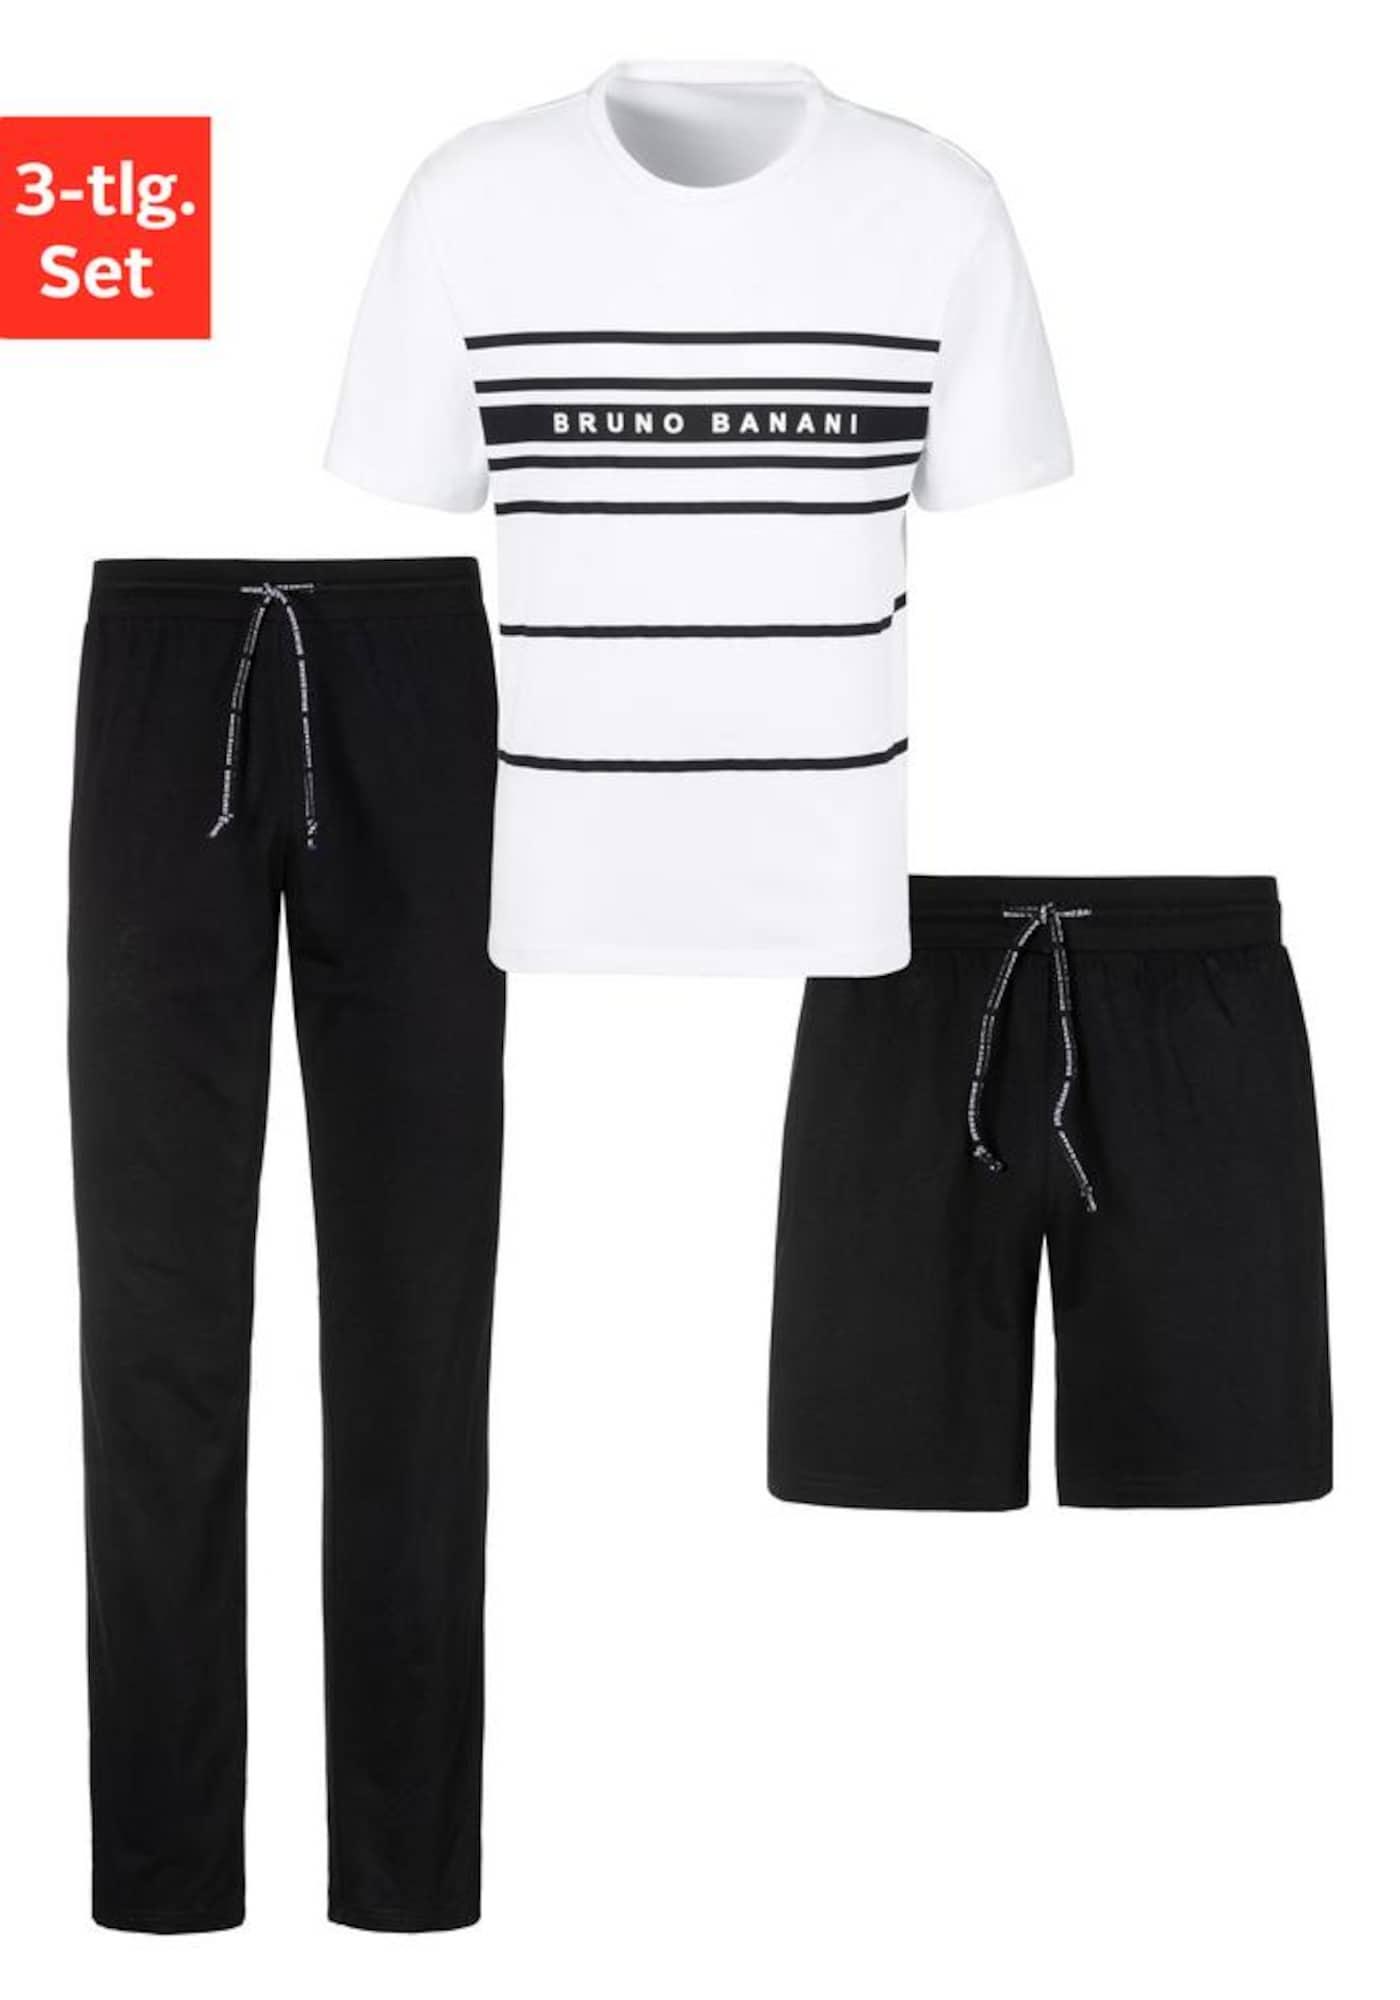 BRUNO BANANI Ilga pižama juoda / balta